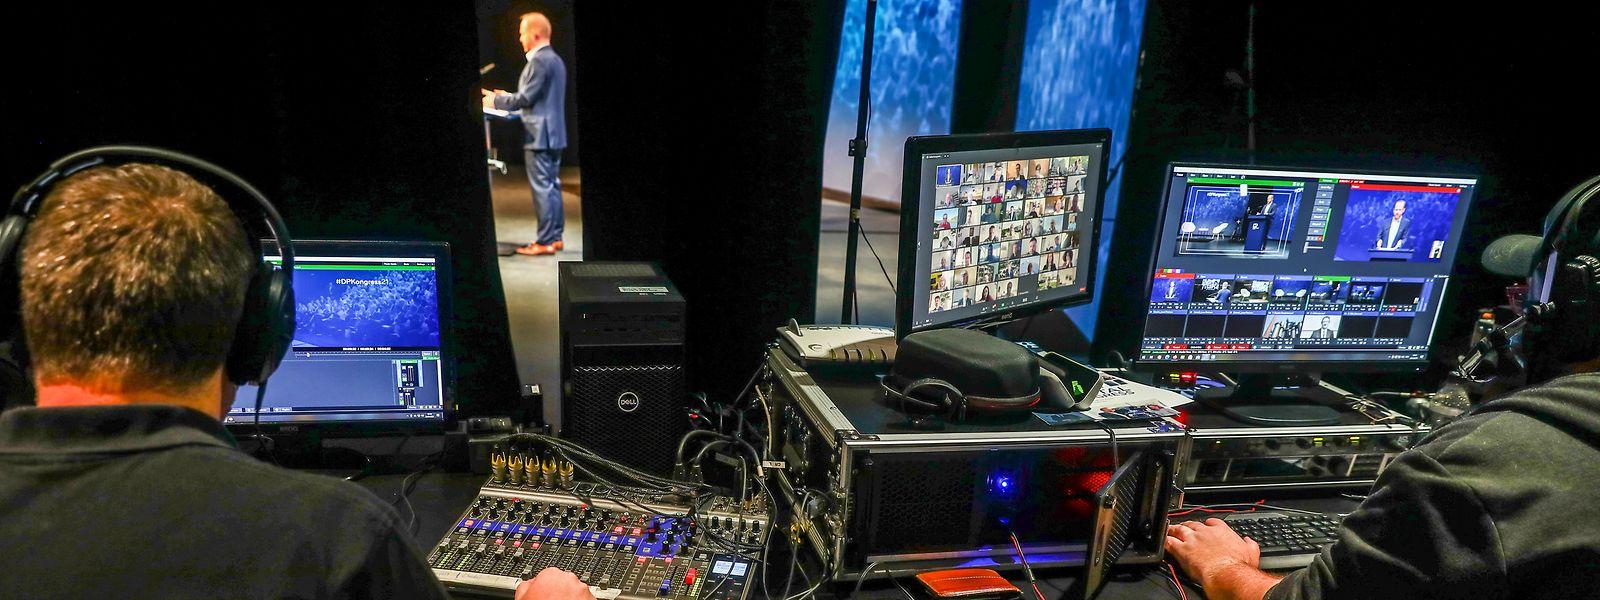 Beim zweiten digitalen Kongress der DP gab es viel Selbstlob und die Aussicht auf Workshops, um die Zukunft des Landes zu planen.